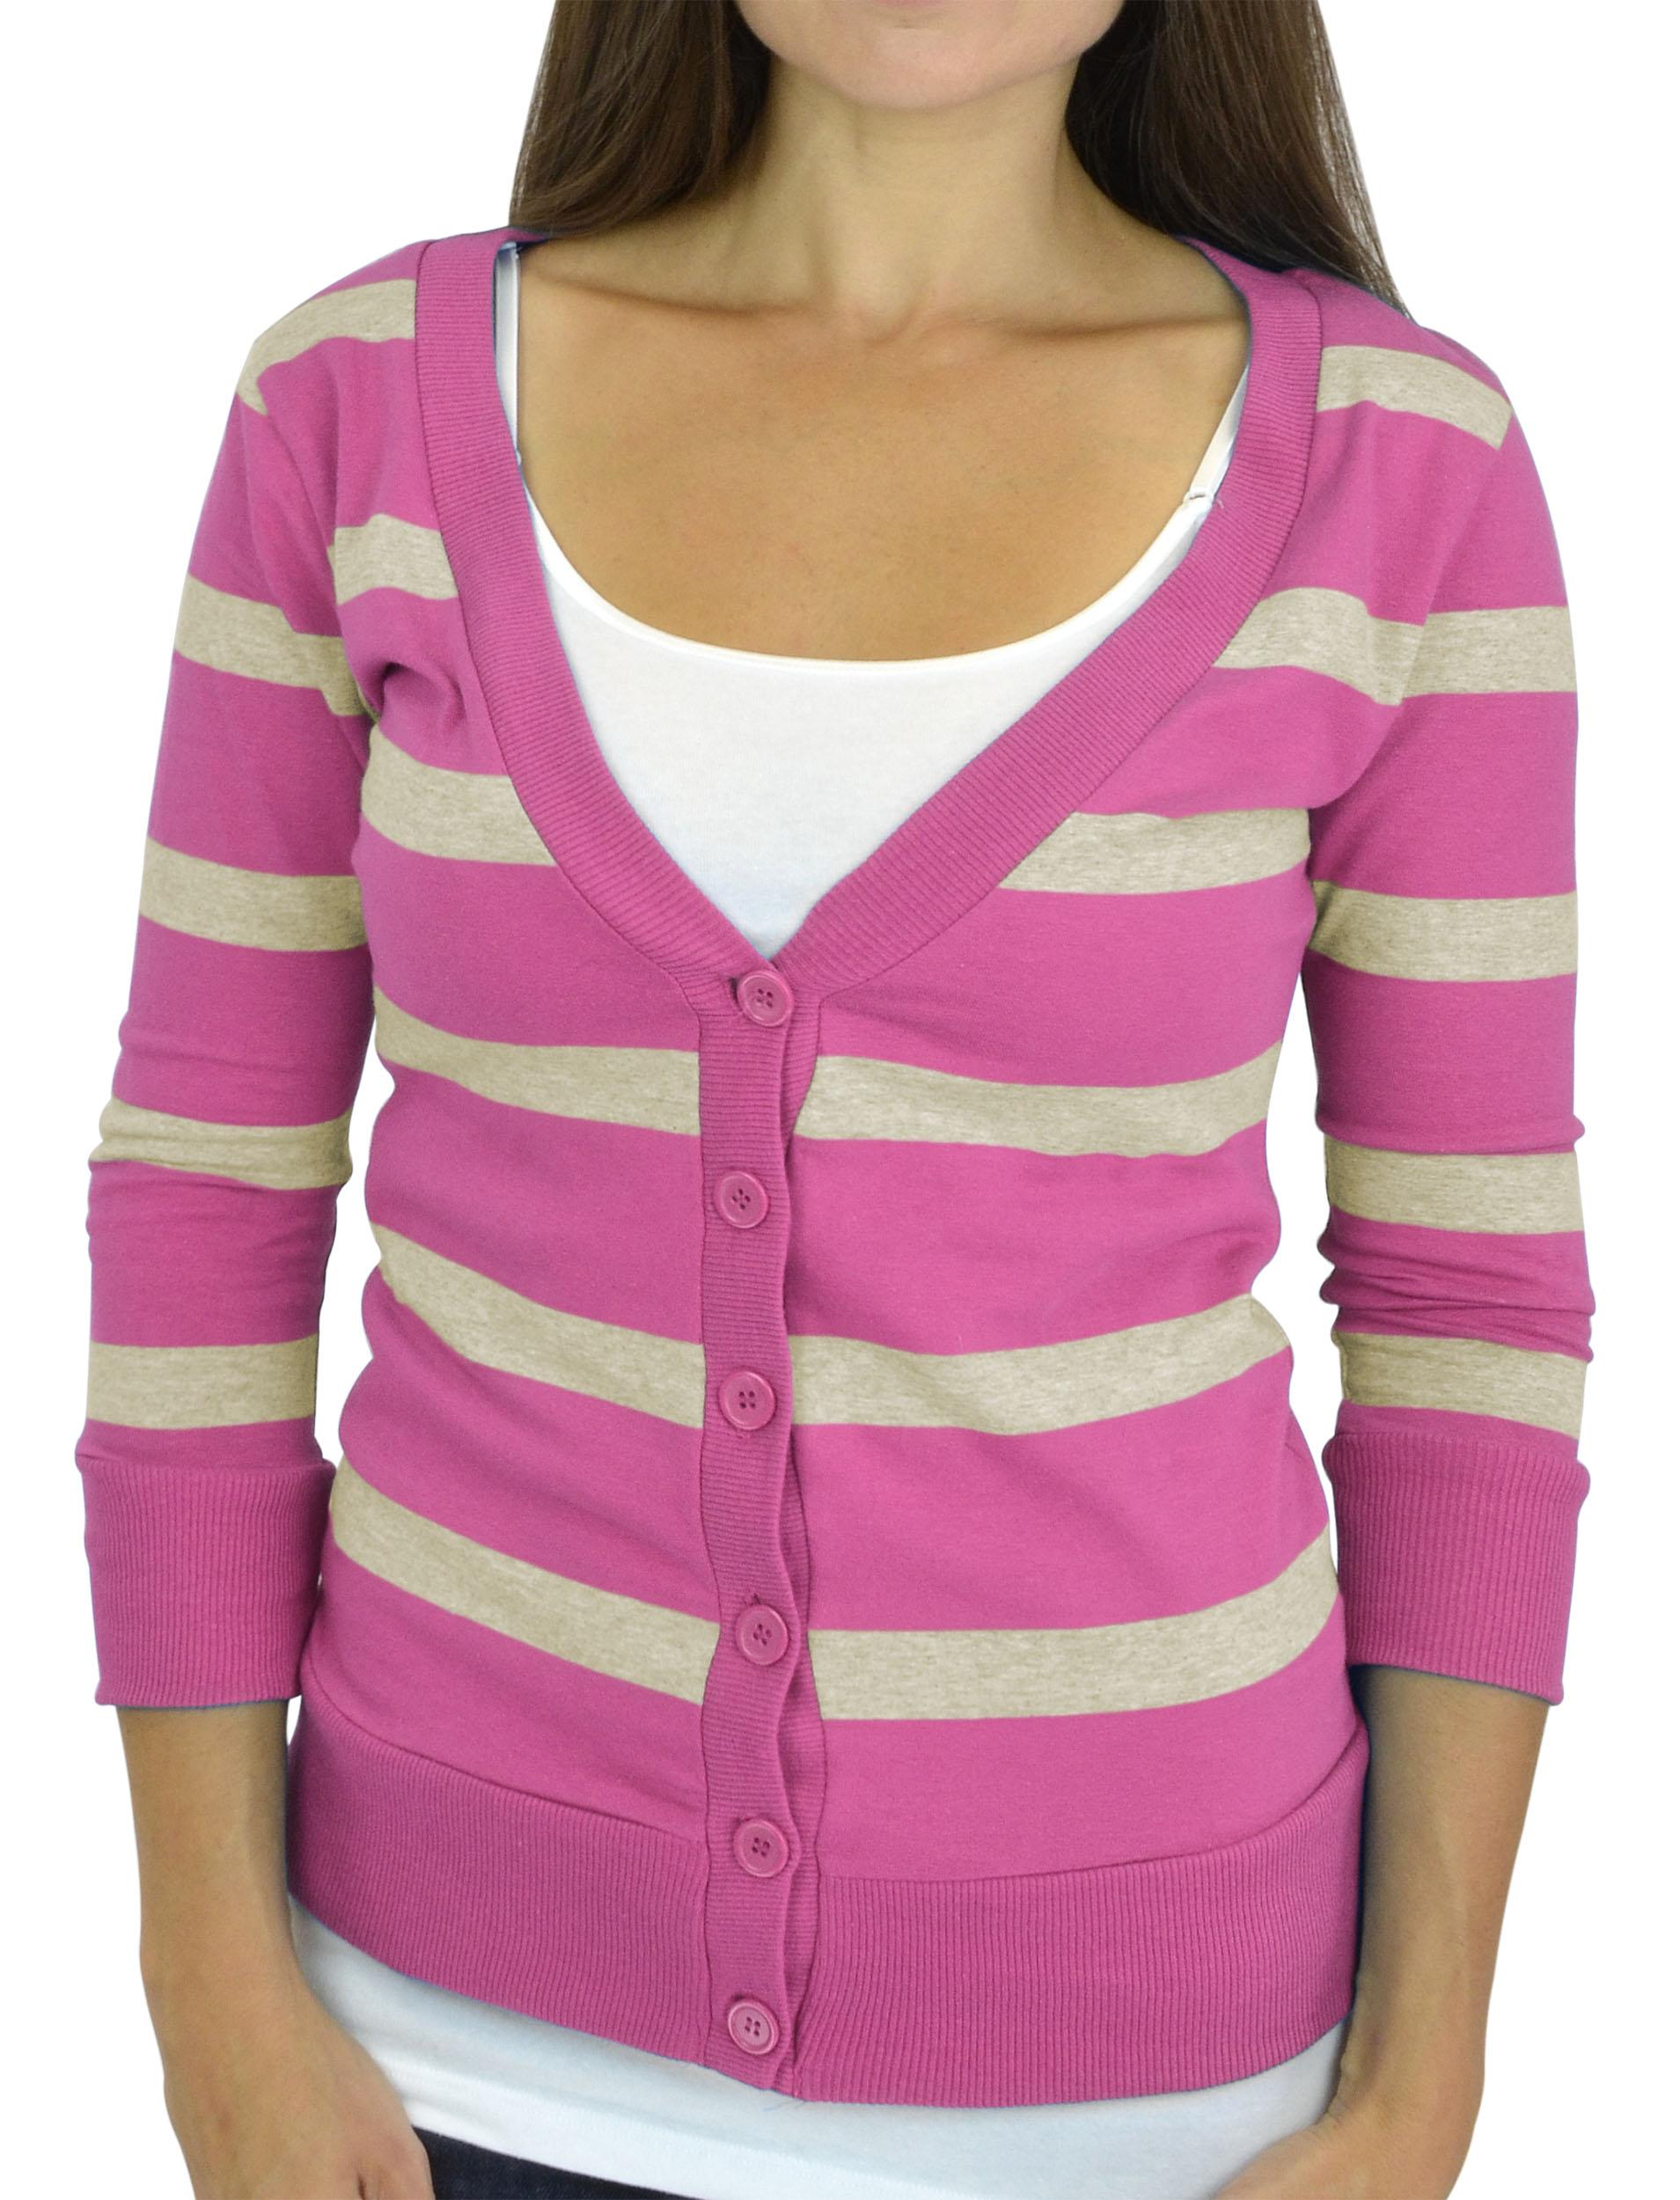 Belle Donne - Women / Girl Junior Size Soft 3/4 Sleeve V-Neck Sweater Cardigans - Fuchsia/Large